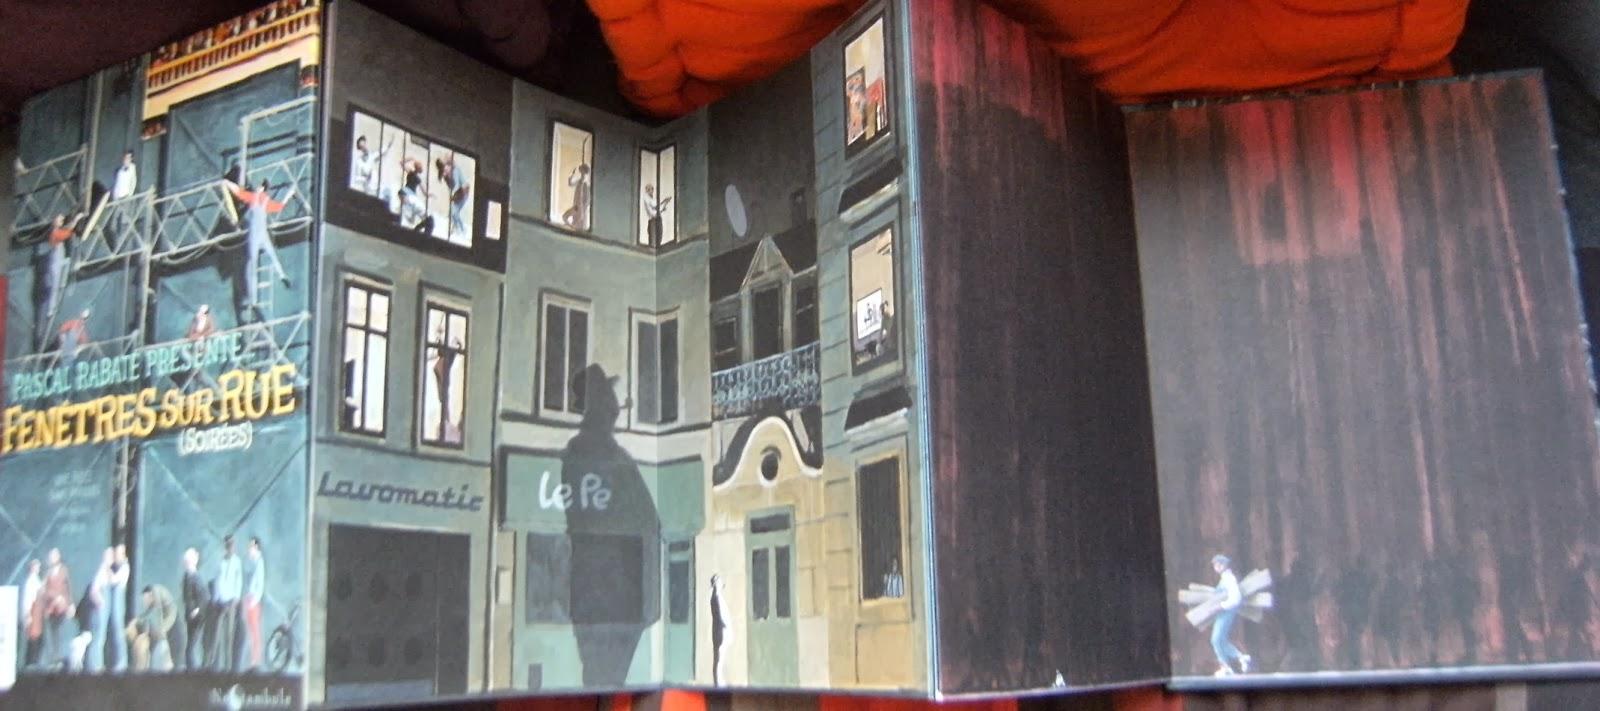 bedepolar retour fracassant fen tres sur rue de pascal rabat soleil. Black Bedroom Furniture Sets. Home Design Ideas